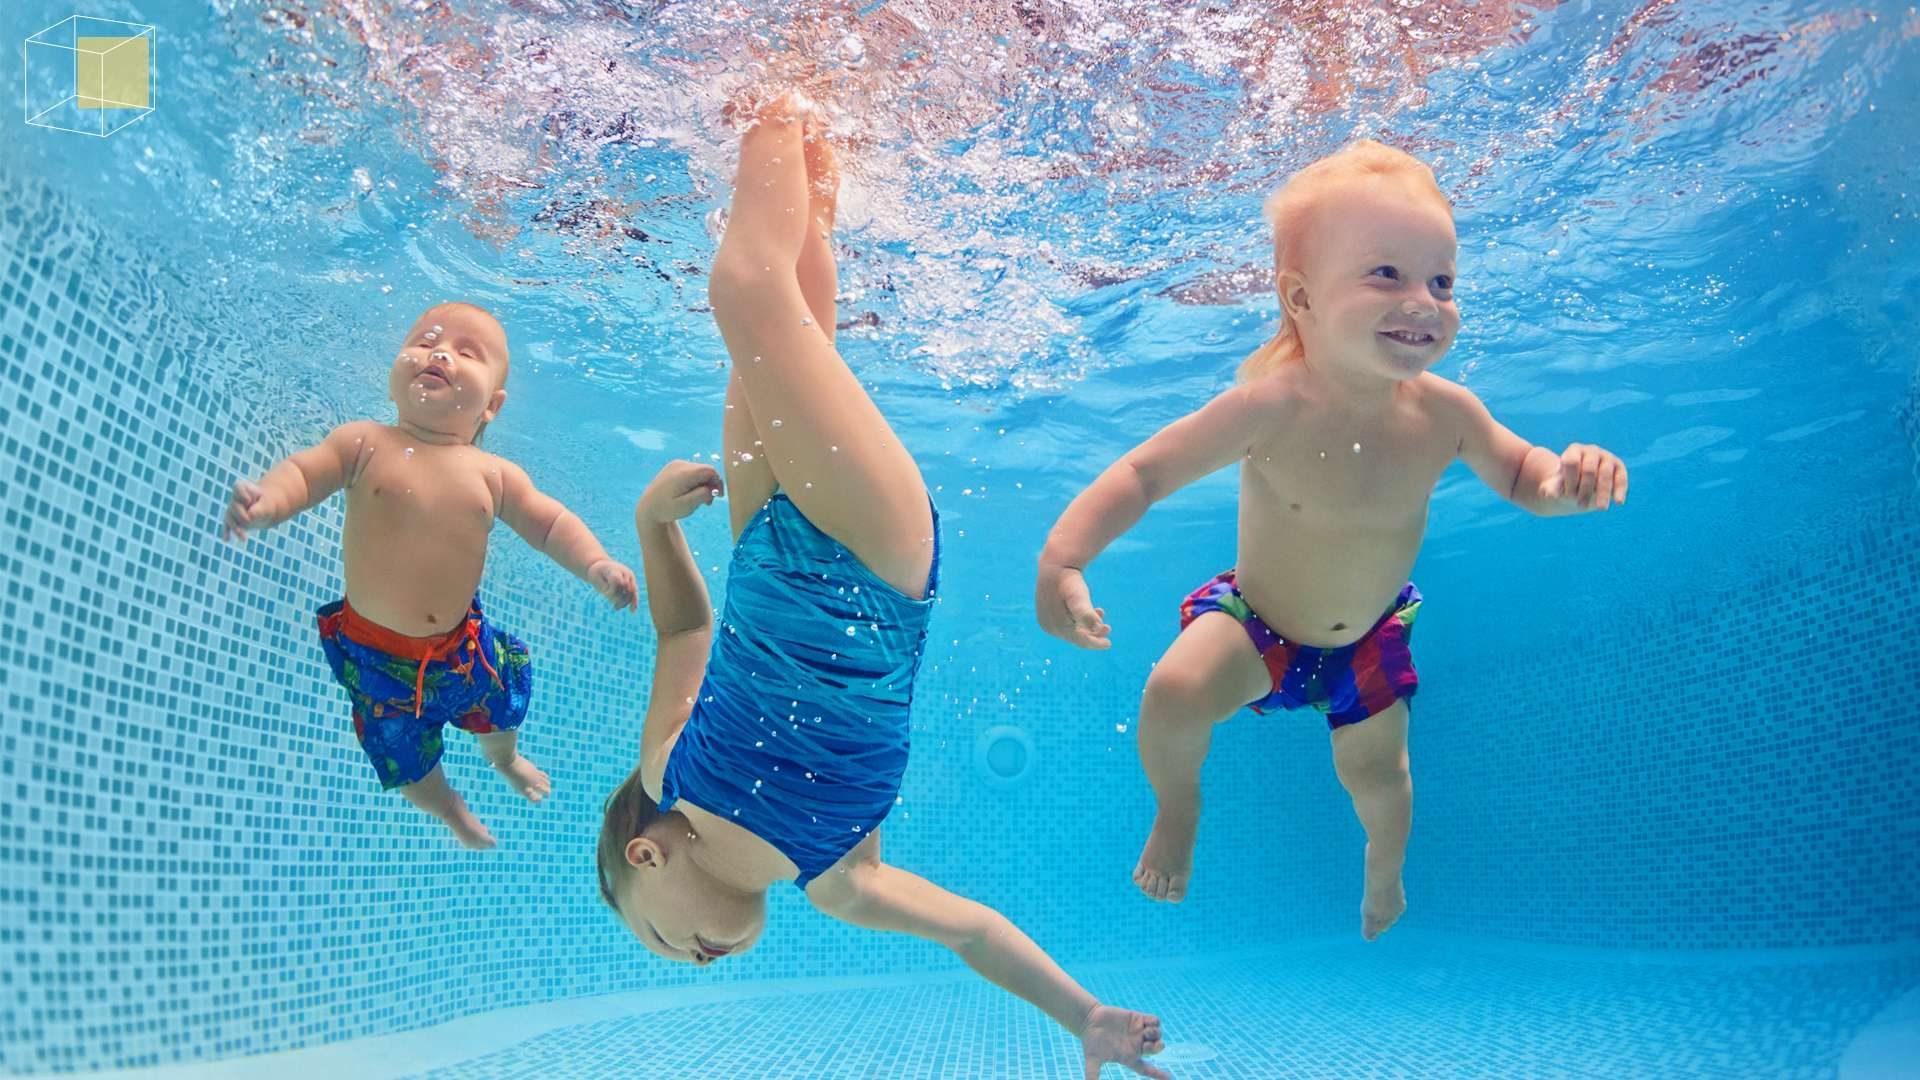 โรงเรียนสอนว่ายน้ำสำหรับเด็ก